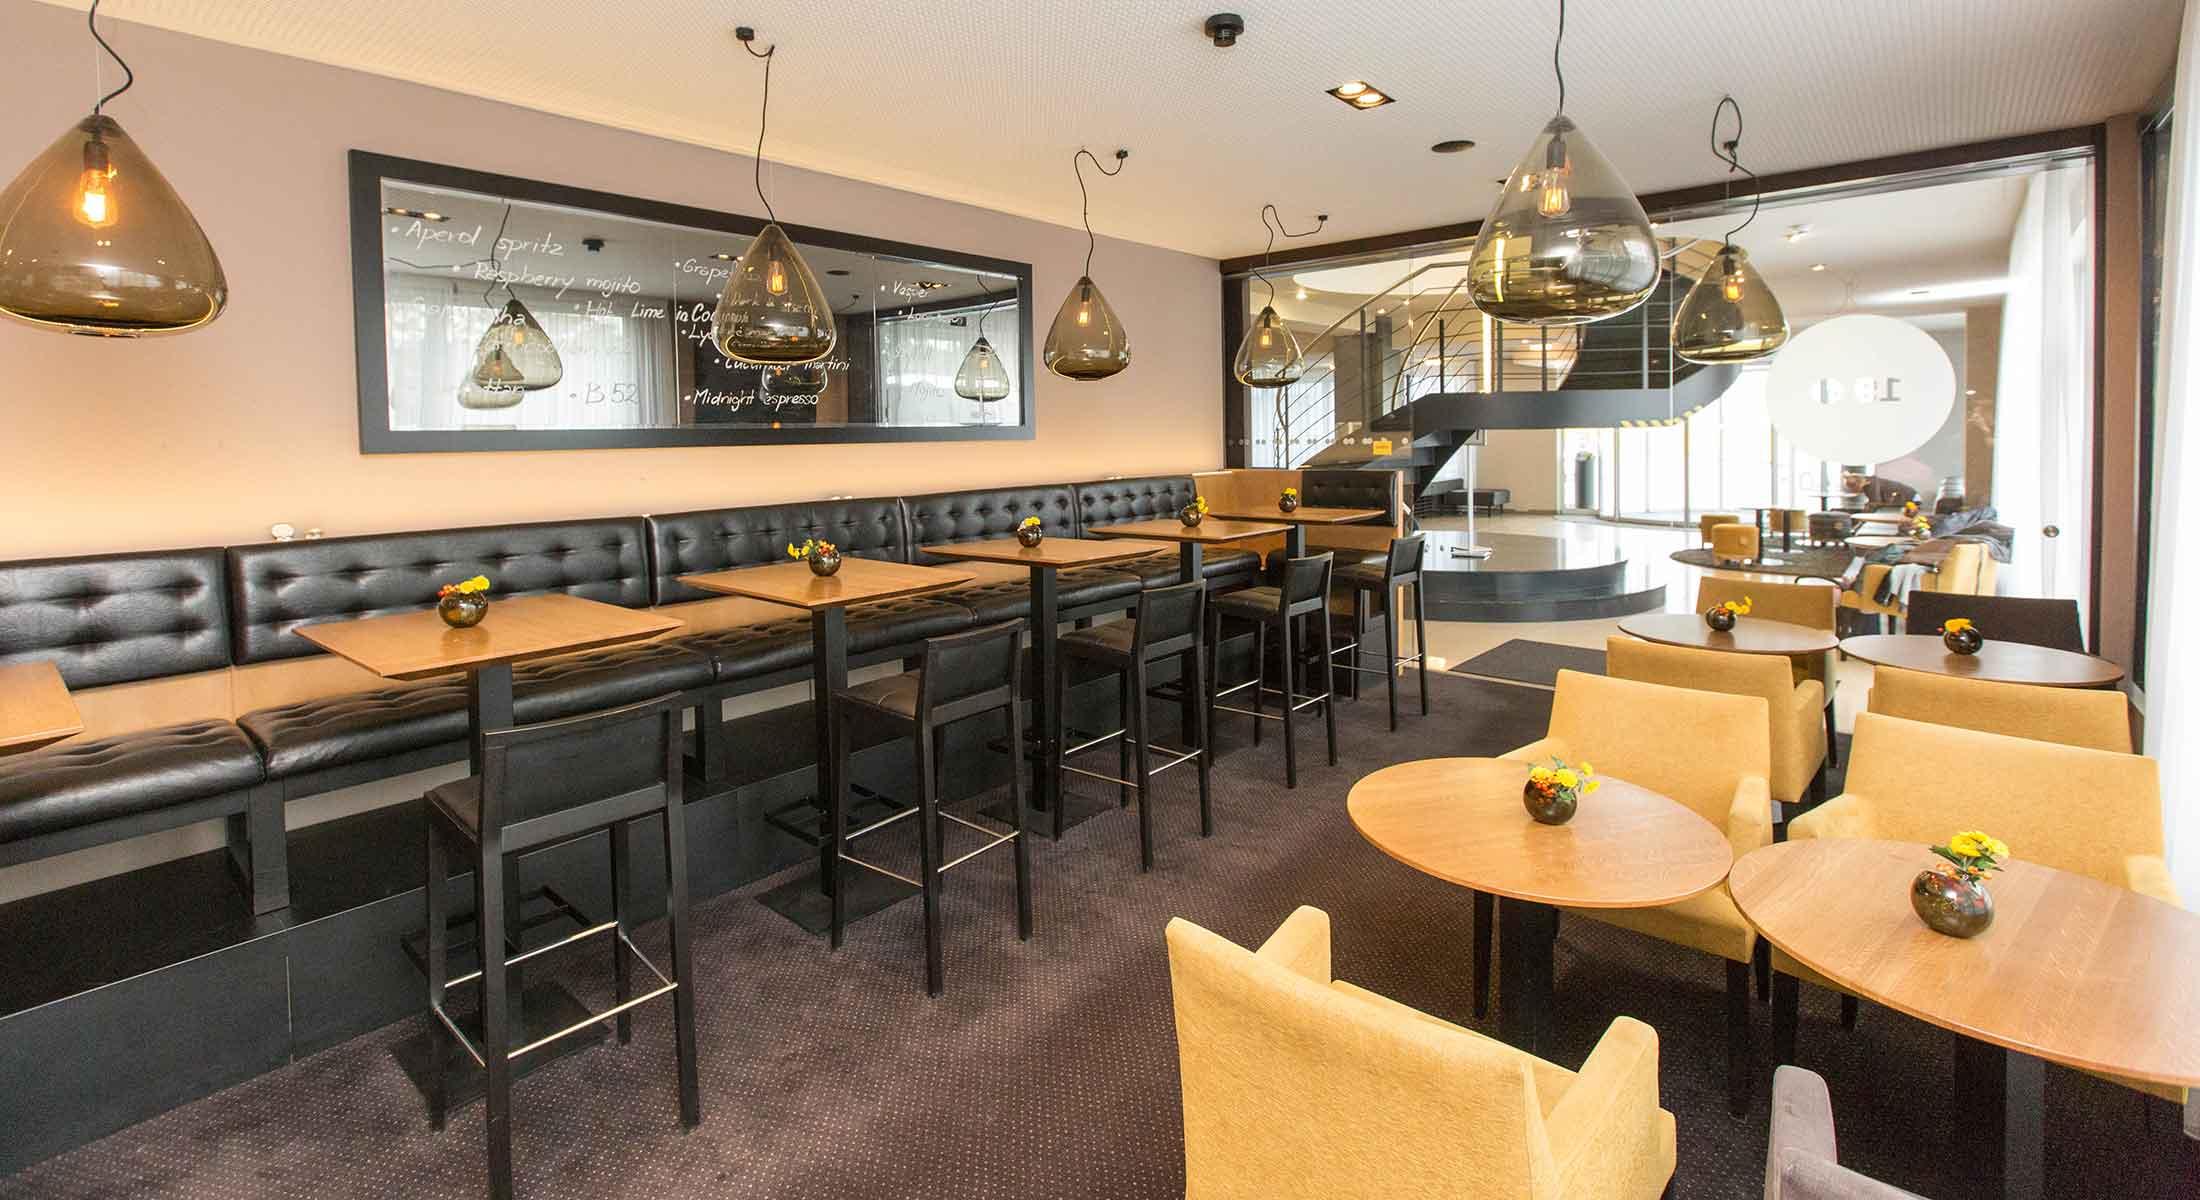 Ristorante - Lobby Bar 19 Hotel Praga - Hotel Golf Golf Club ...